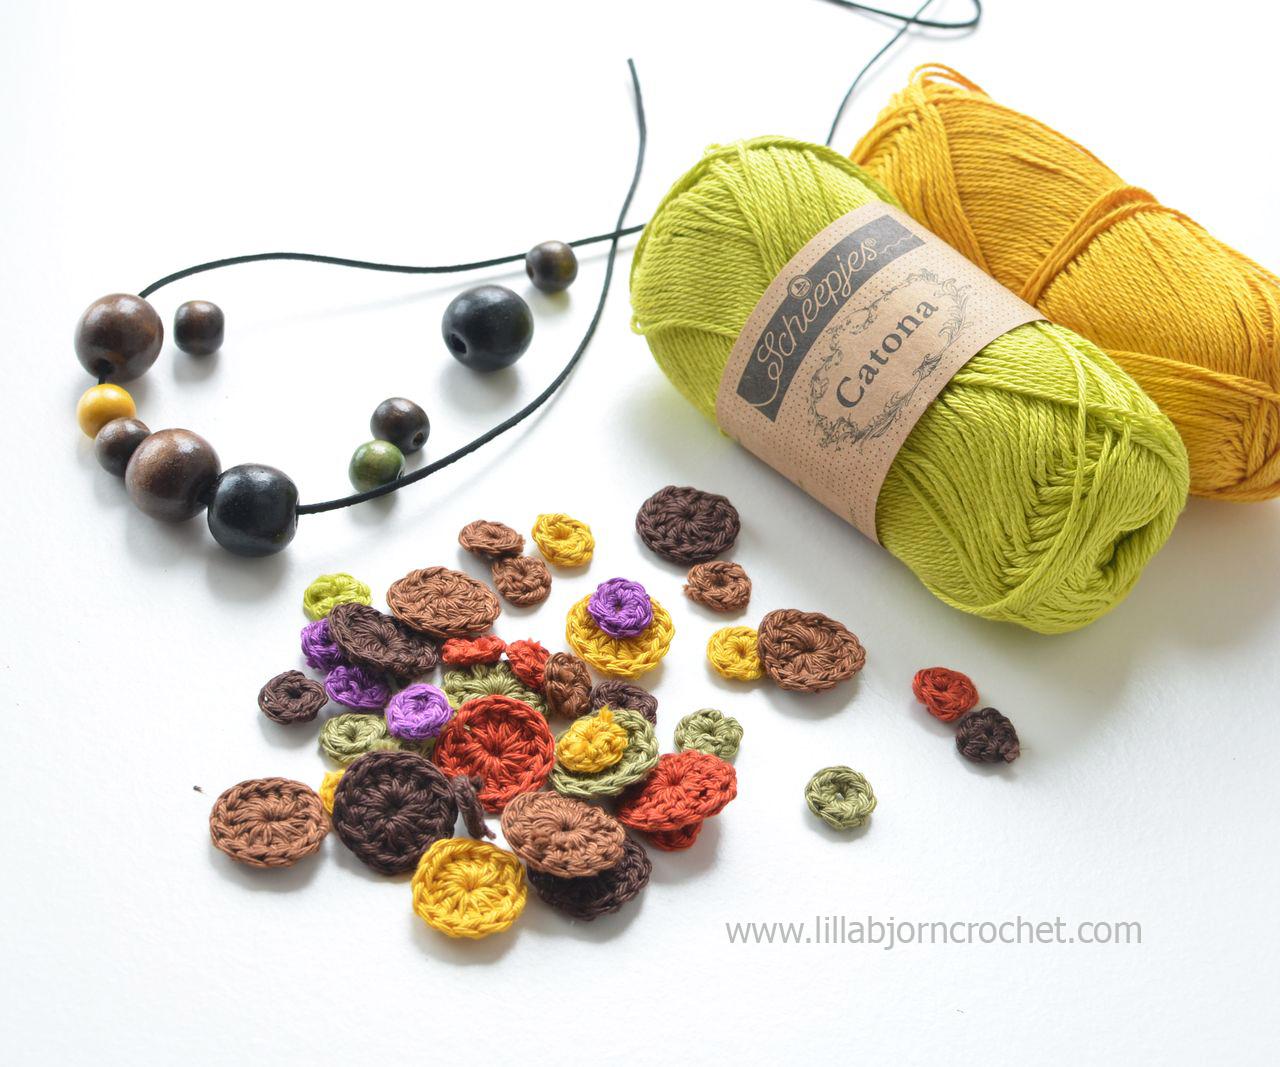 Wip of a crochet necklace - Catona yarn by Scheepjes